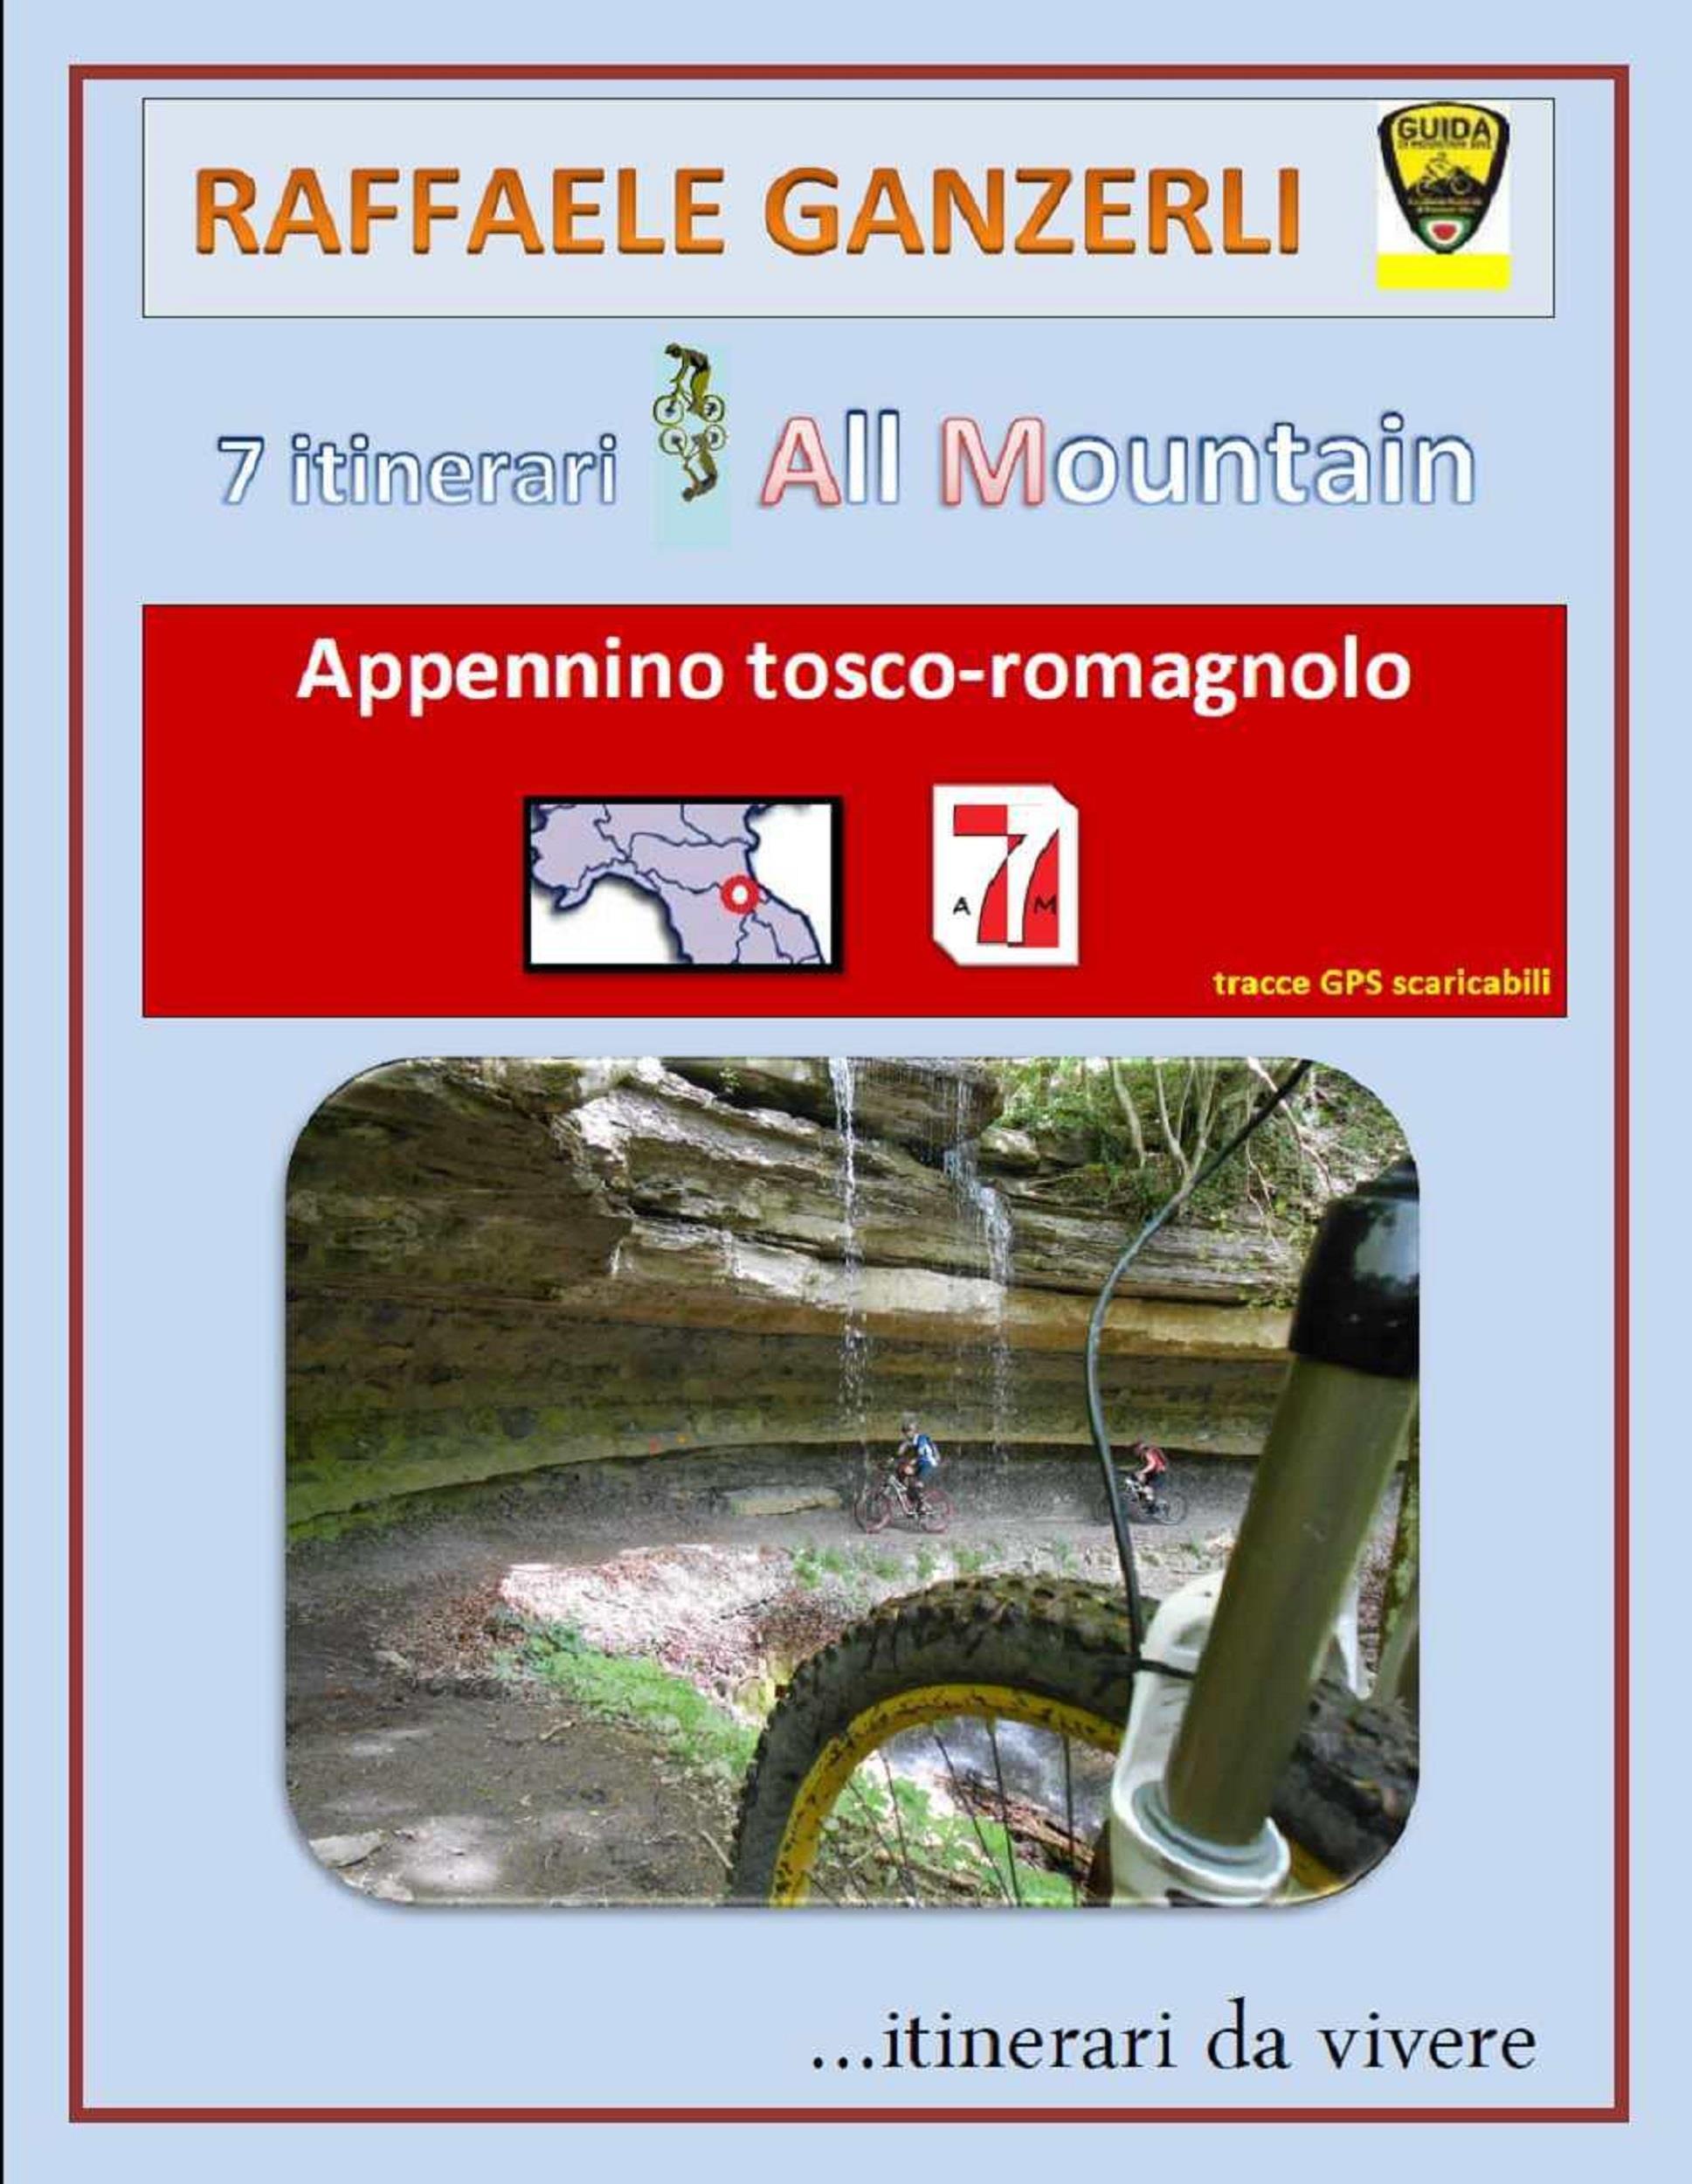 7 itinerari MTB nell' appennino ToscoRomagnolo